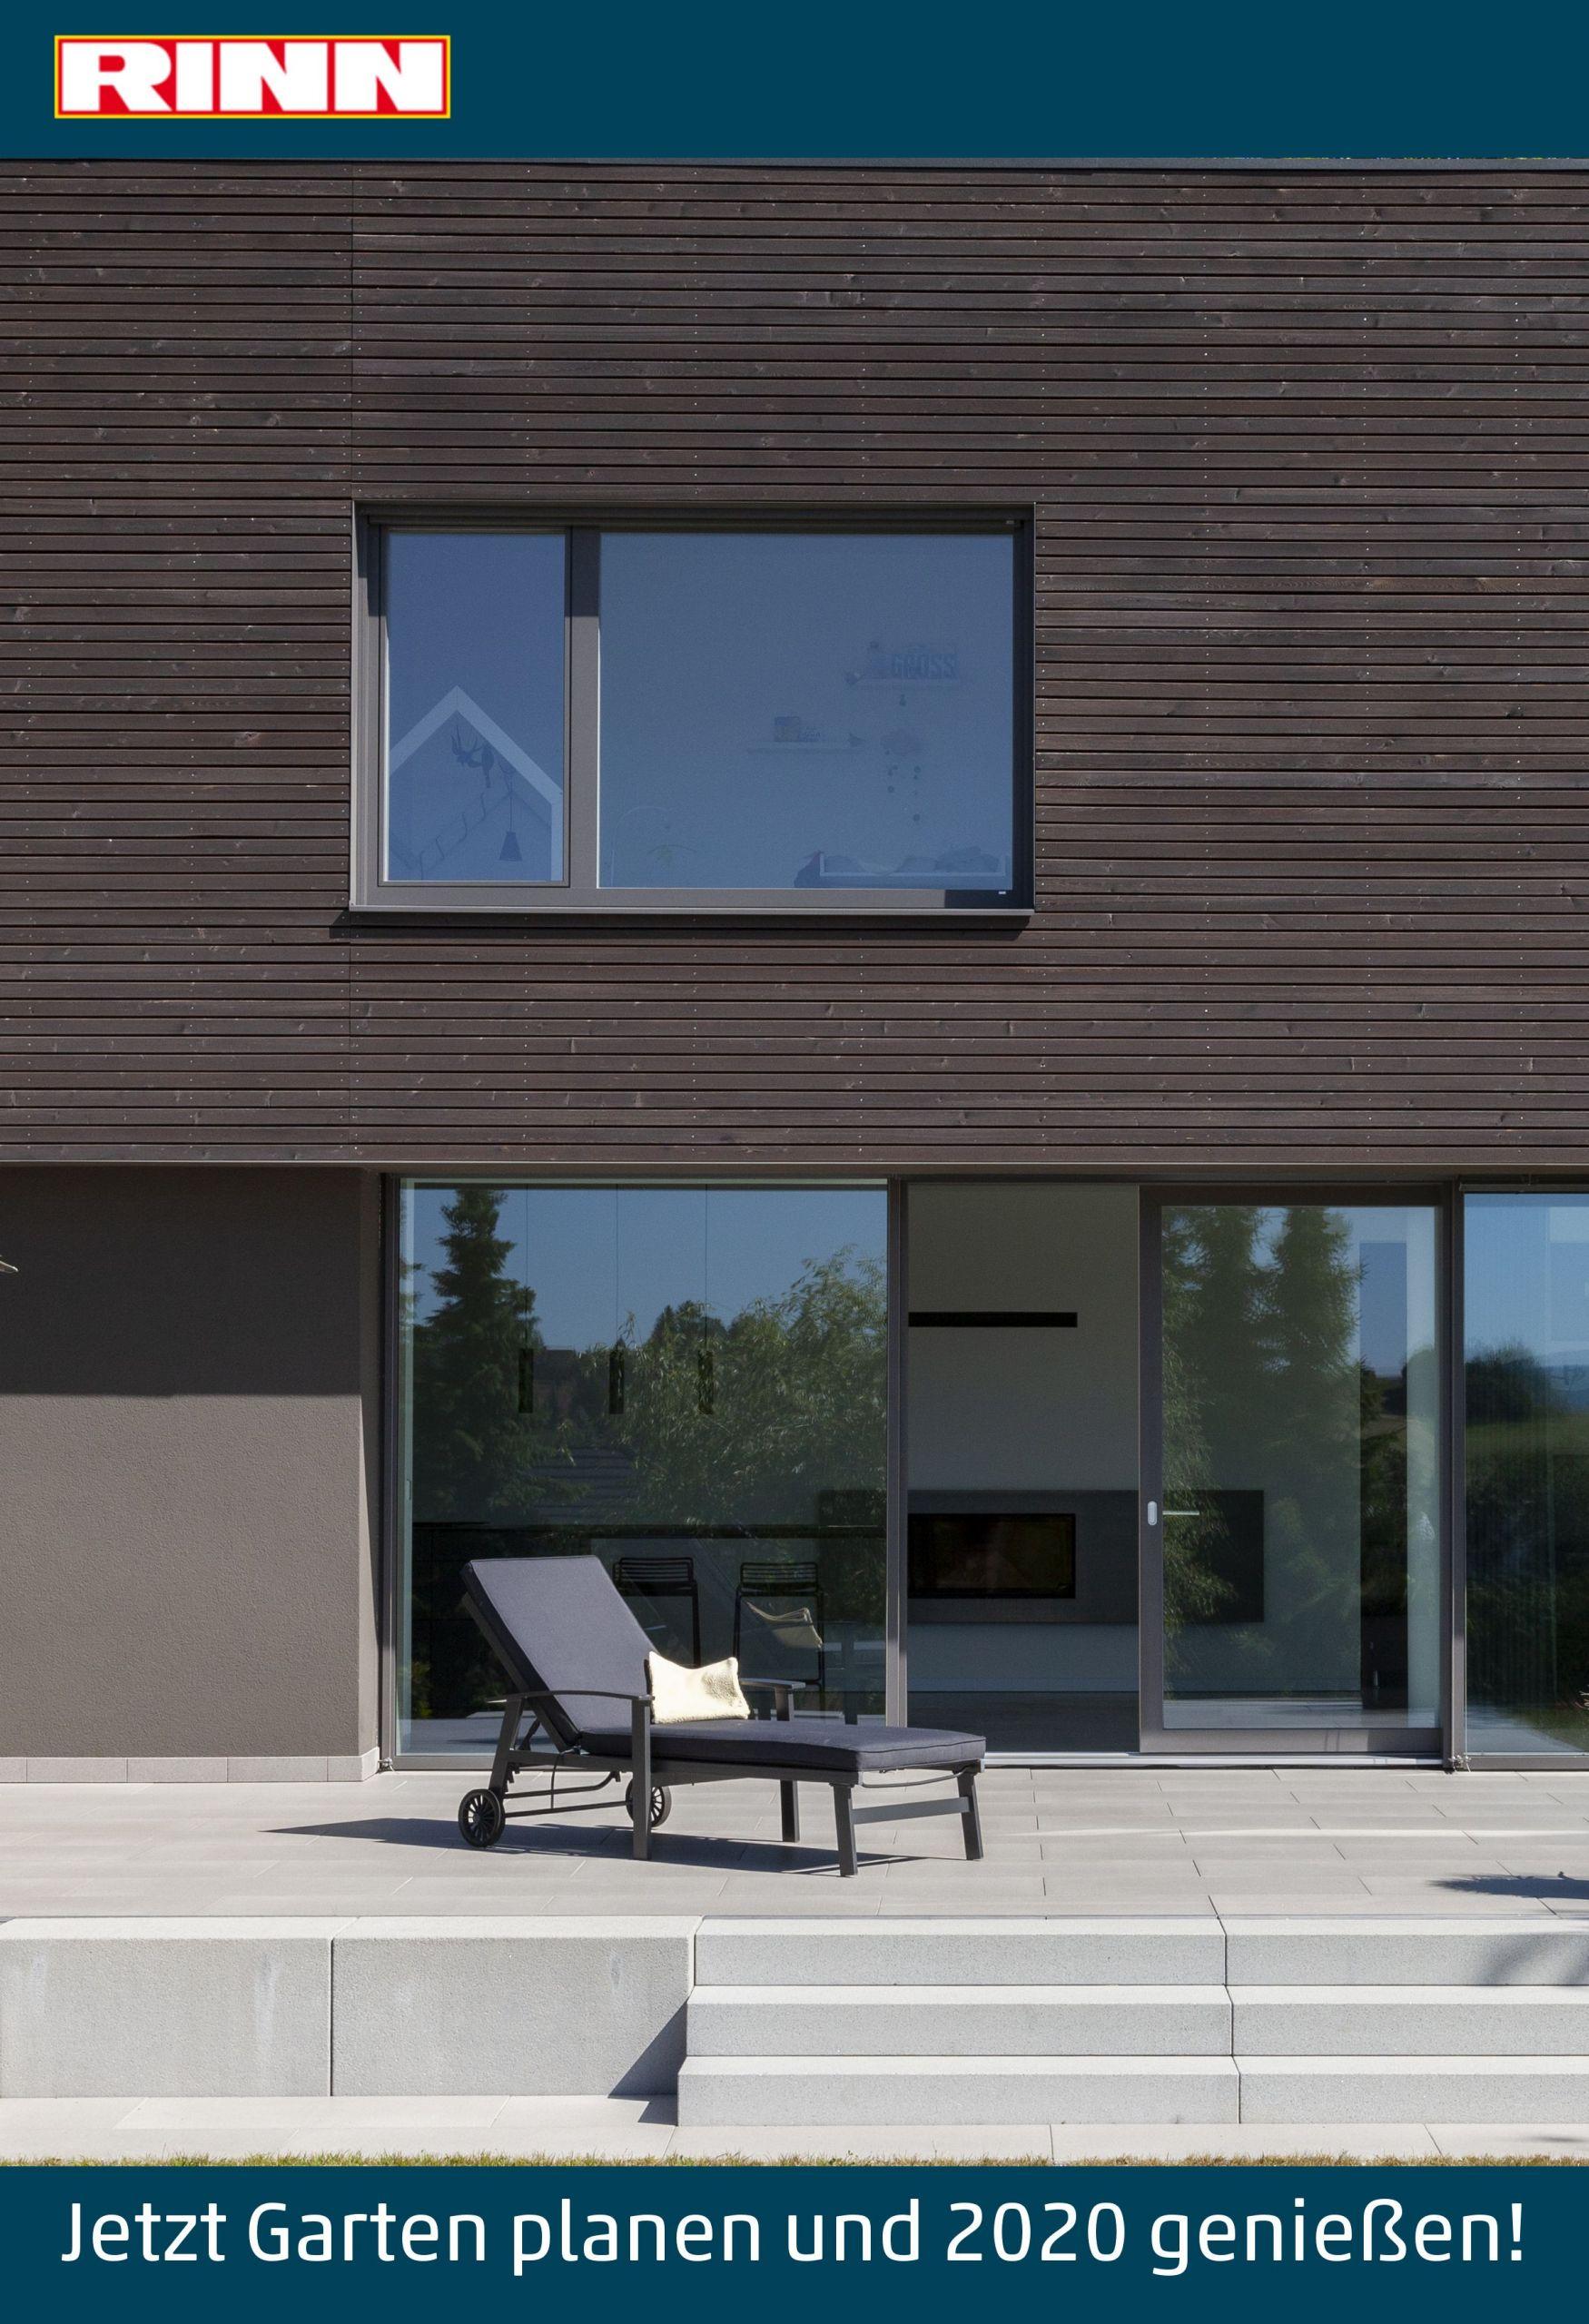 Garten Anlegen Neubau Inspirierend Die 70 Besten Bilder Von Terrassen In 2020